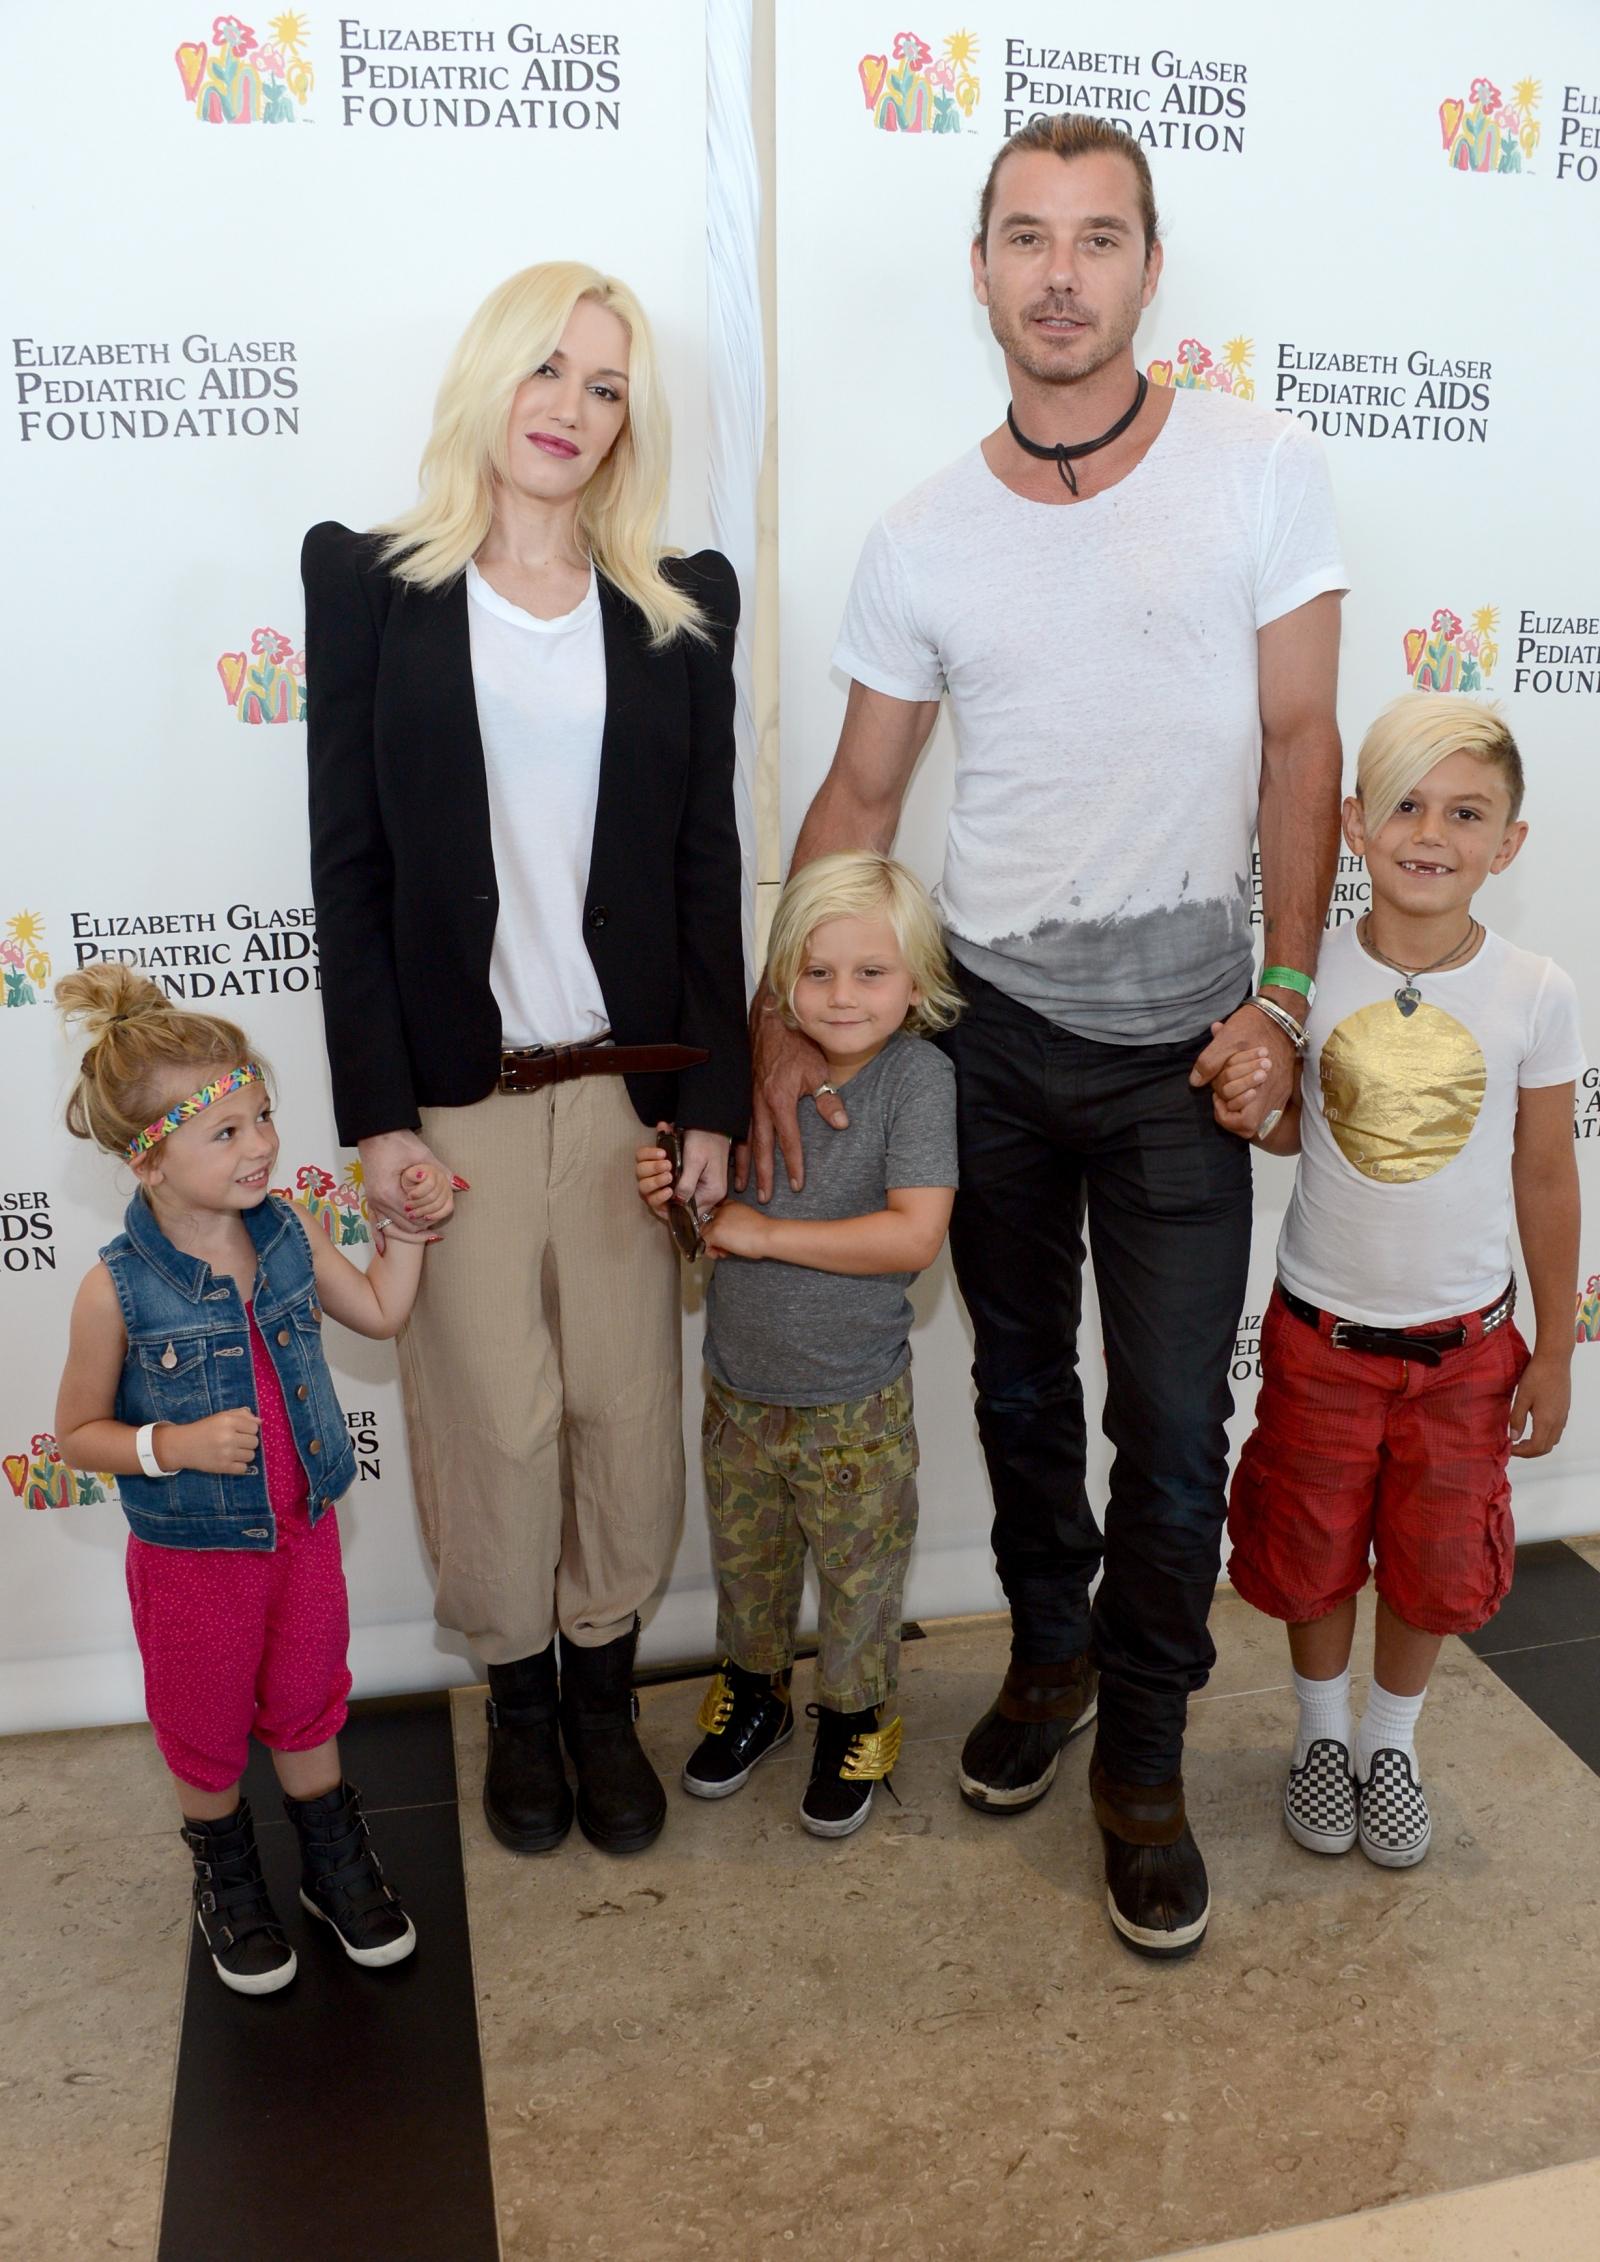 Gwen Stefani, Gavin Rossdale and their children